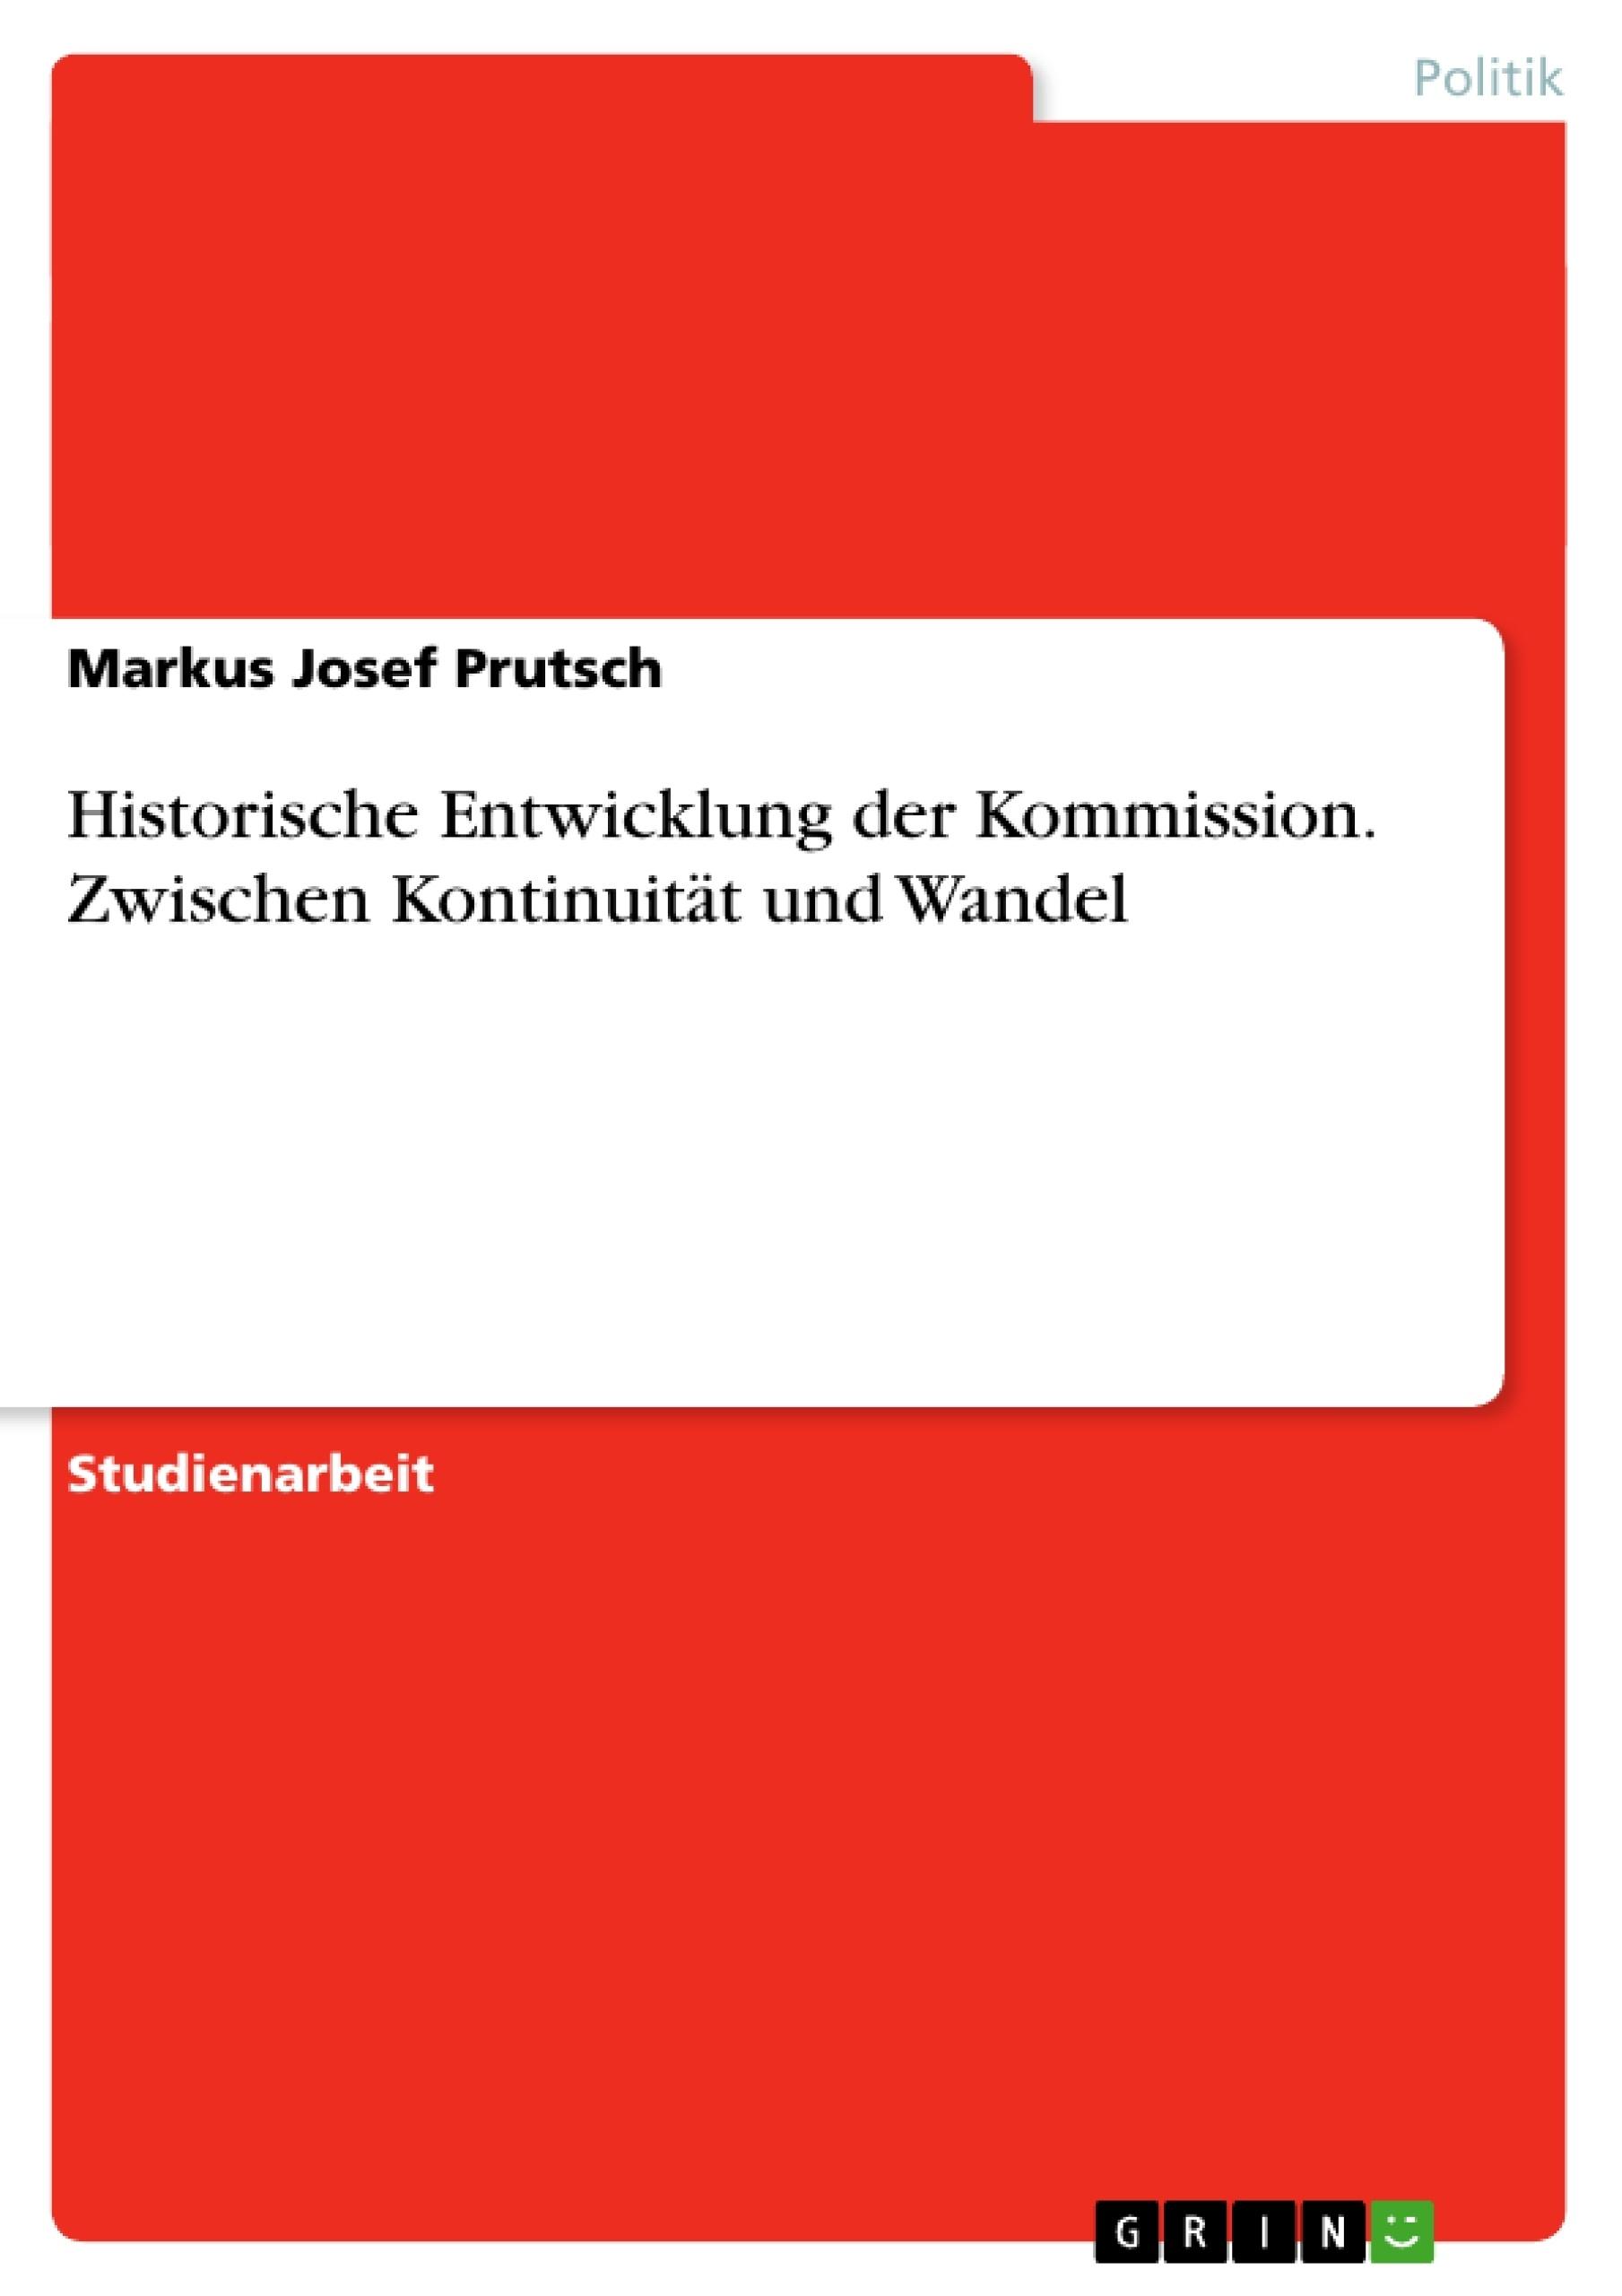 Titel: Historische Entwicklung der Kommission. Zwischen Kontinuität und Wandel